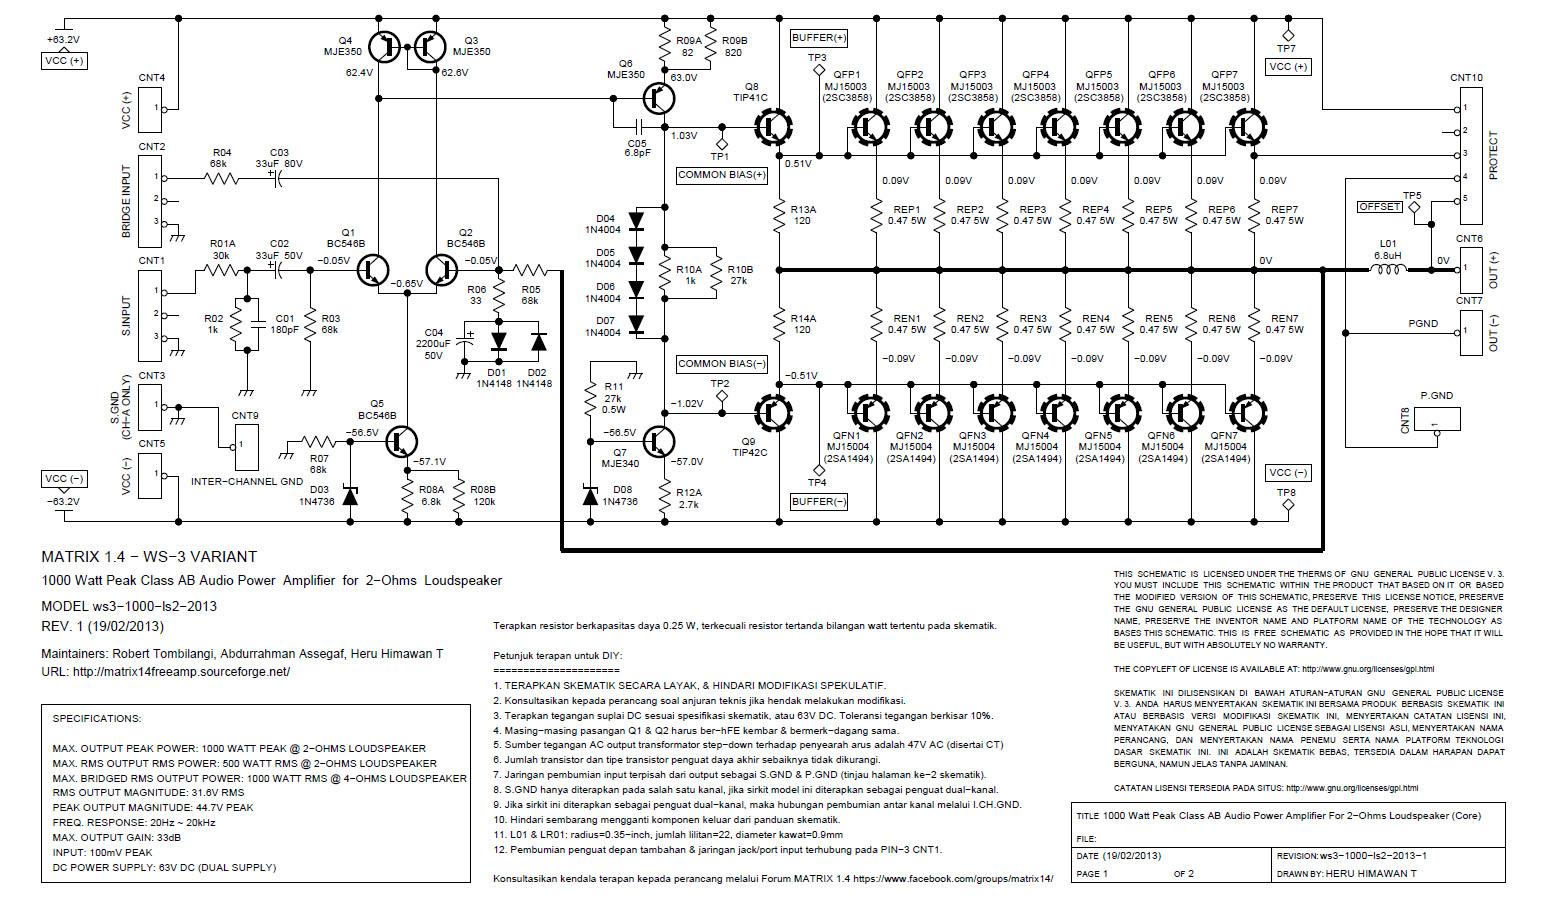 Matrix 1 4 Wiro Sablenk 3 W For 2 Ohm Speaker